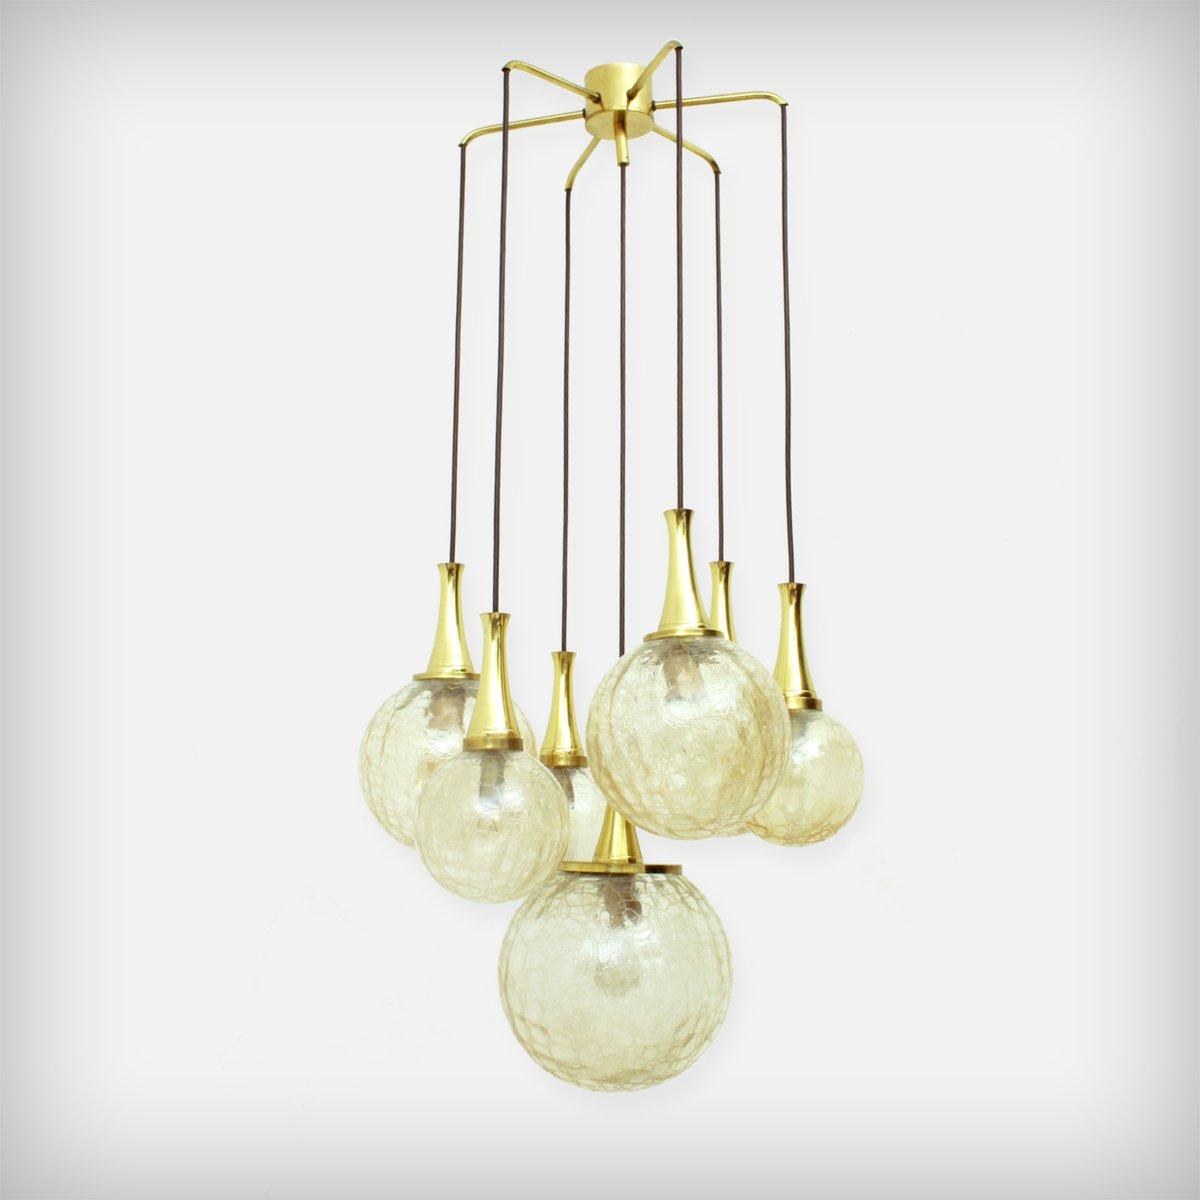 vergoldeter glas kronleuchter mit 7 armen von doria leuchten 1970er bei pamono kaufen. Black Bedroom Furniture Sets. Home Design Ideas